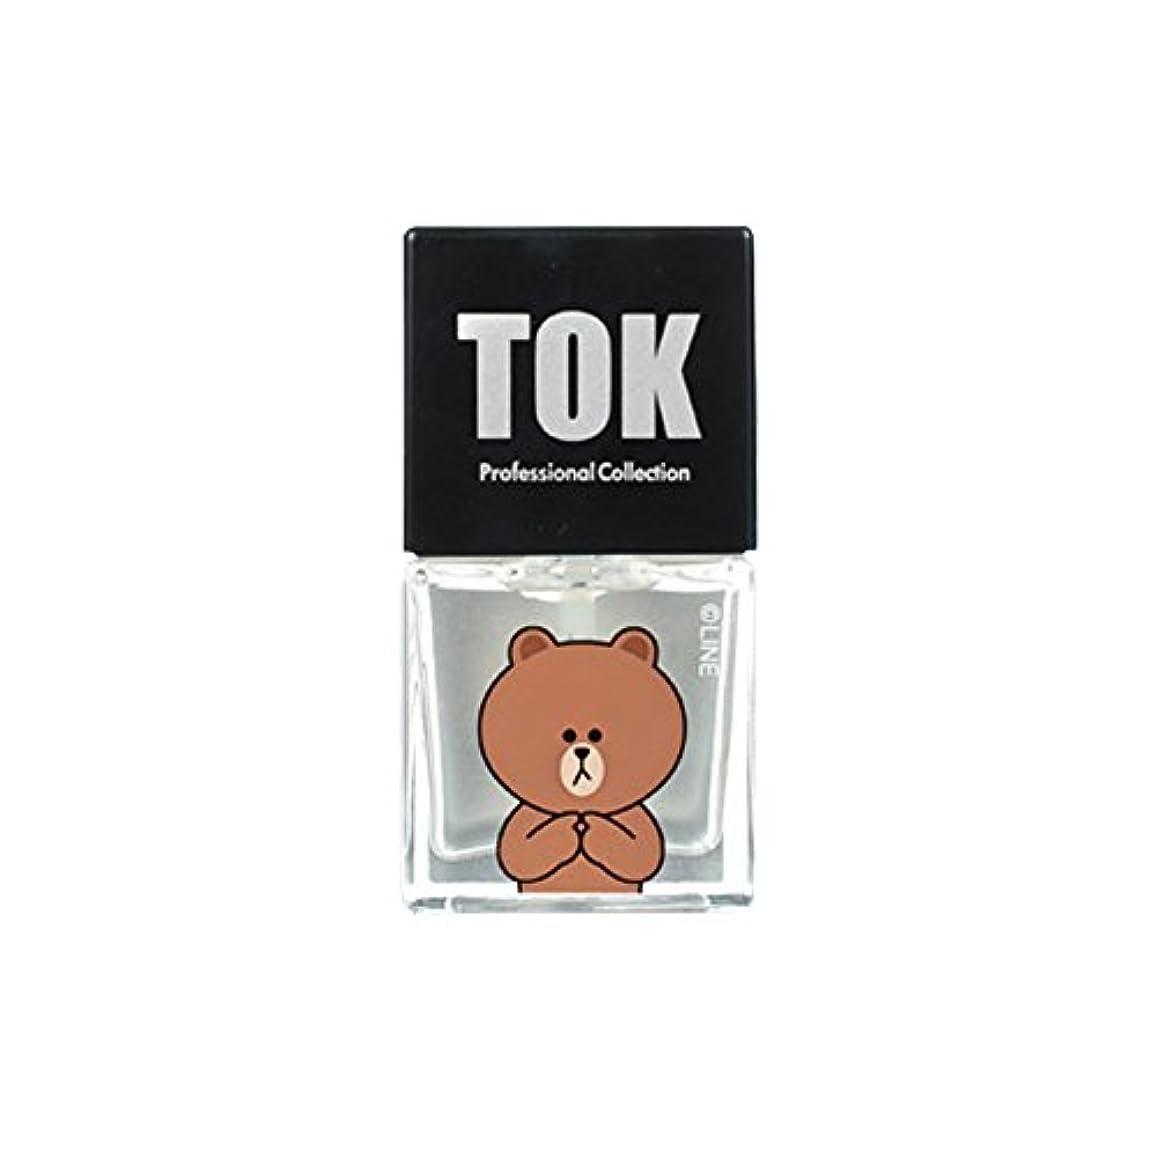 火過去予防接種するTOK Line Friends ネイル基本ケア ベースコート トップコート キューティクルオイル キューティクルリムーバー 栄養剤 /TOK Line Friends Nail Hybrid Basic Care[海外直送品...